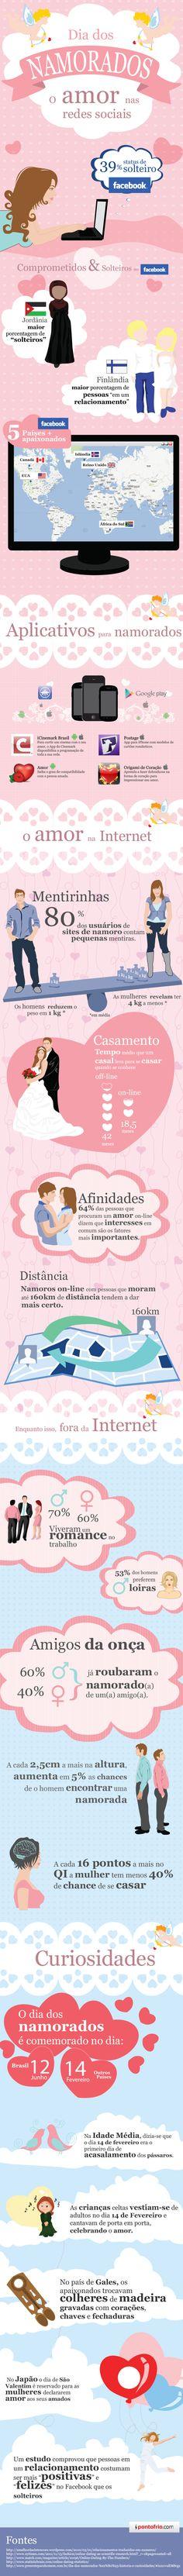 Dia dos Namorados: O Amor nas Redes Sociais